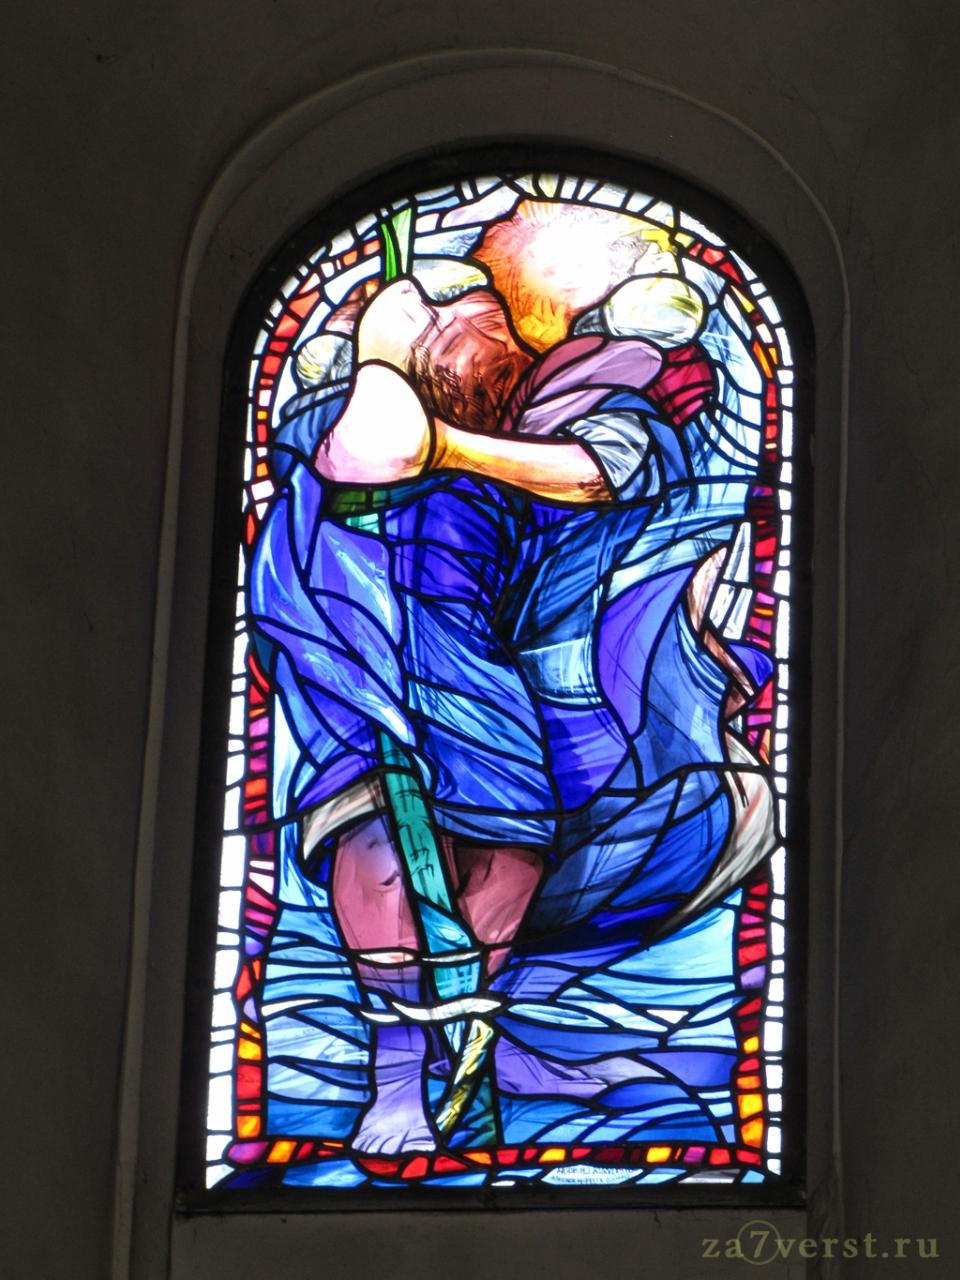 Церковь Святого Серватия, Маастрихт, Нидерланды